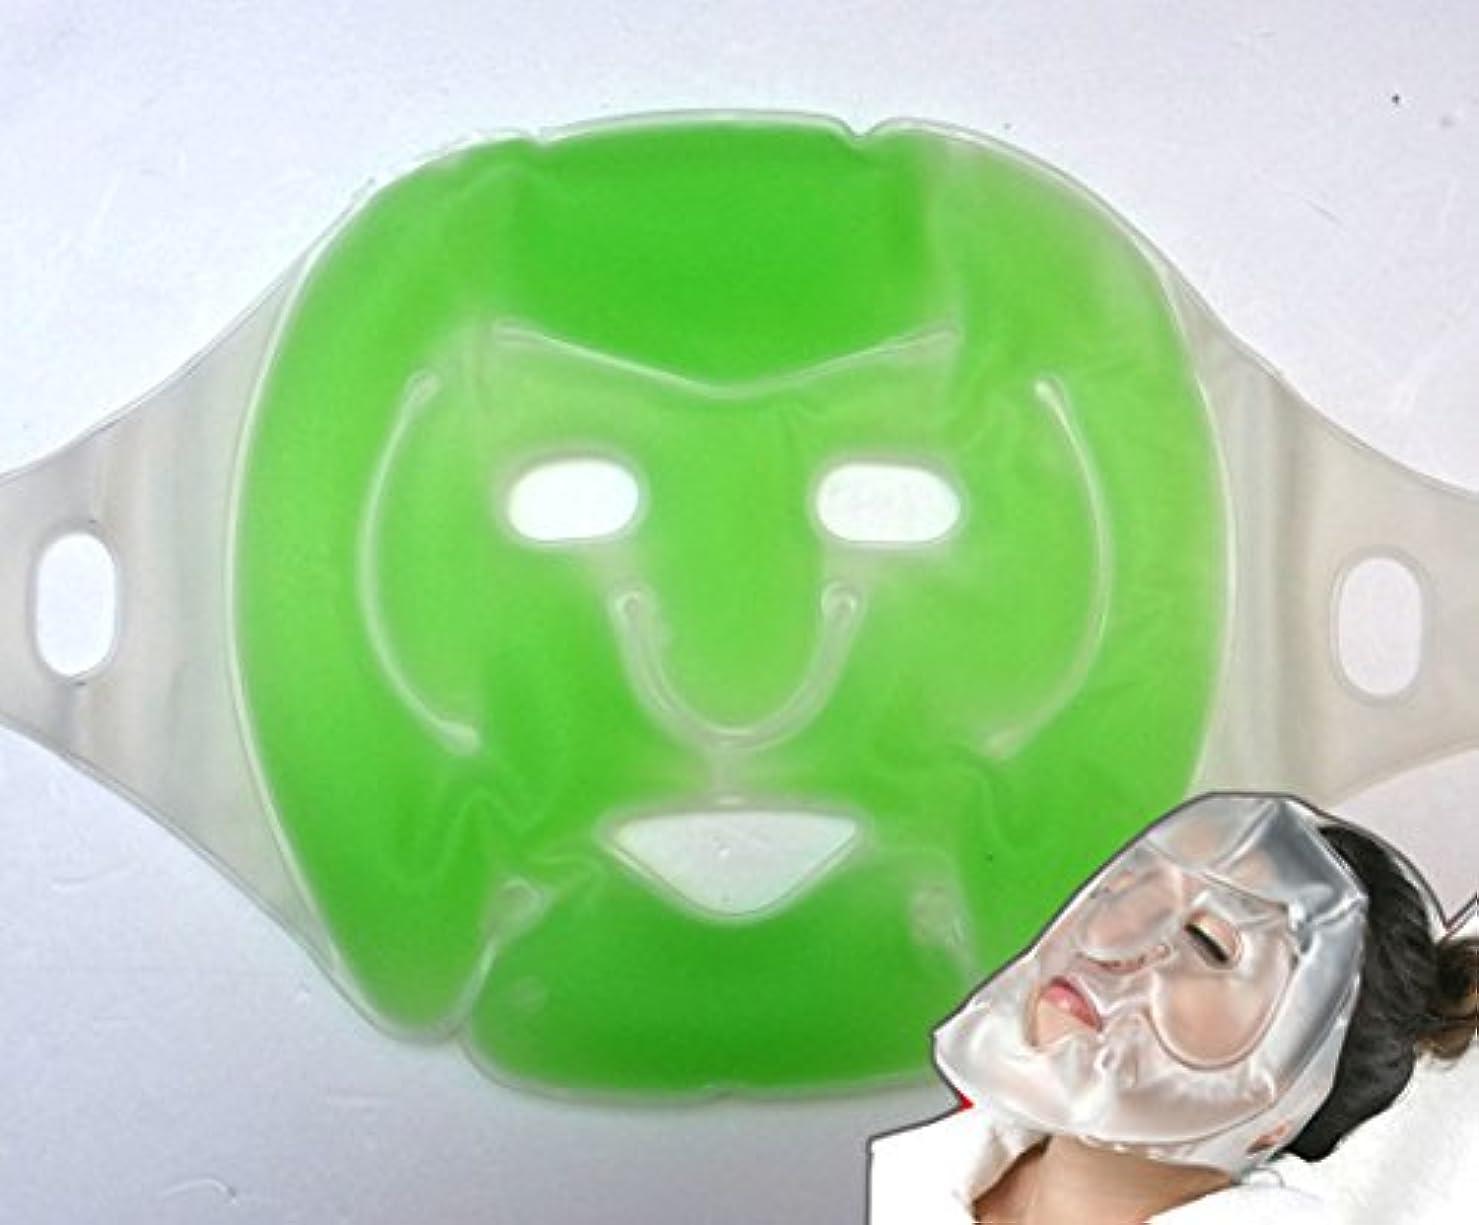 受賞実際のキリスト教フェイスマッサージクールアイスマスクパック半永久的なフェイシャルマッサージ 毛穴収縮/緑色/Face Cool Massage Ice Mask Pack Semi-permanent Facial Massager Contracting...